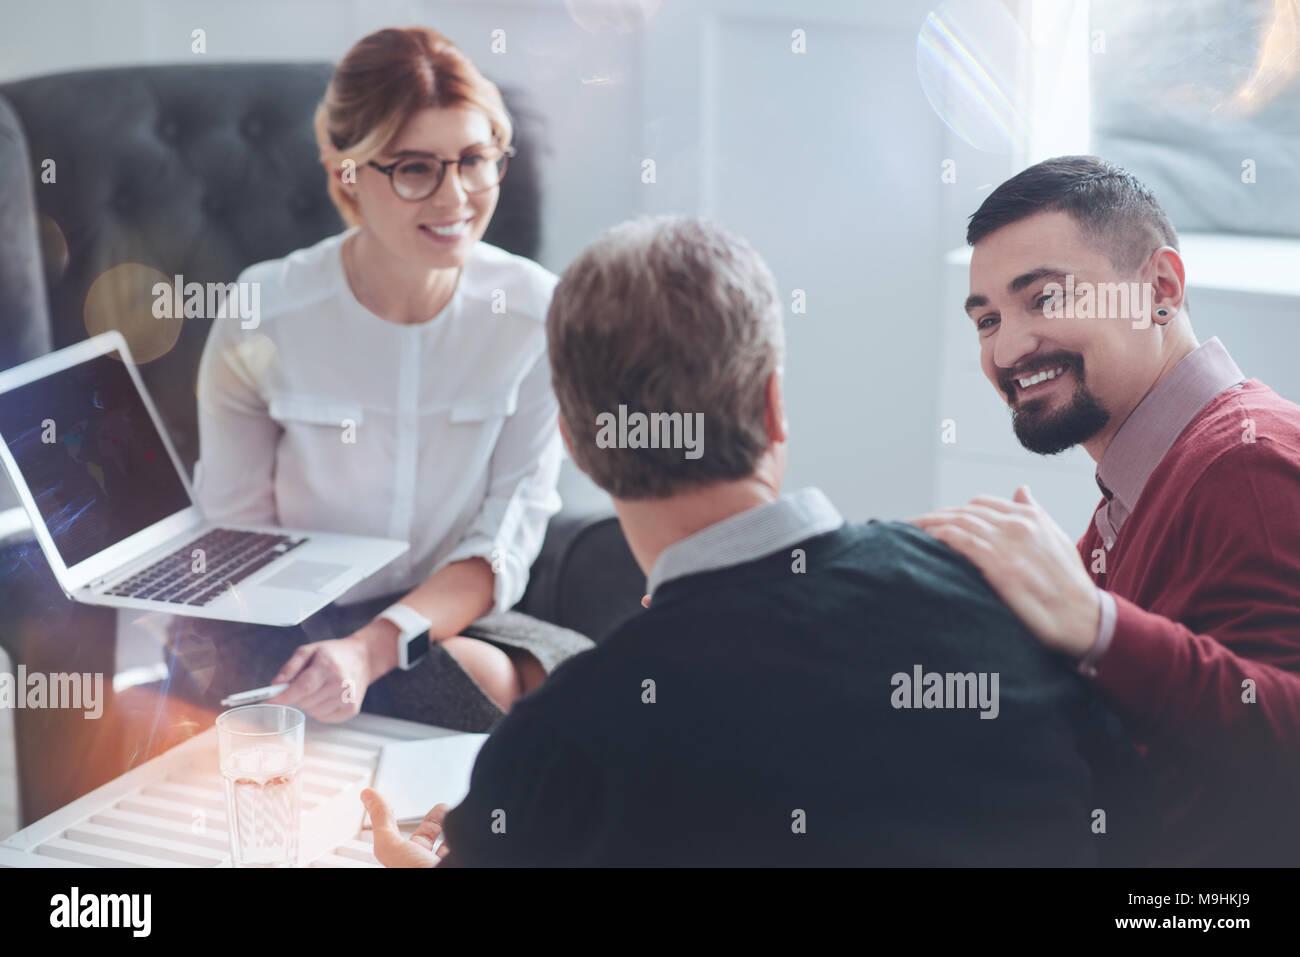 Felice l'uomo barbuto guardando al suo collega Immagini Stock